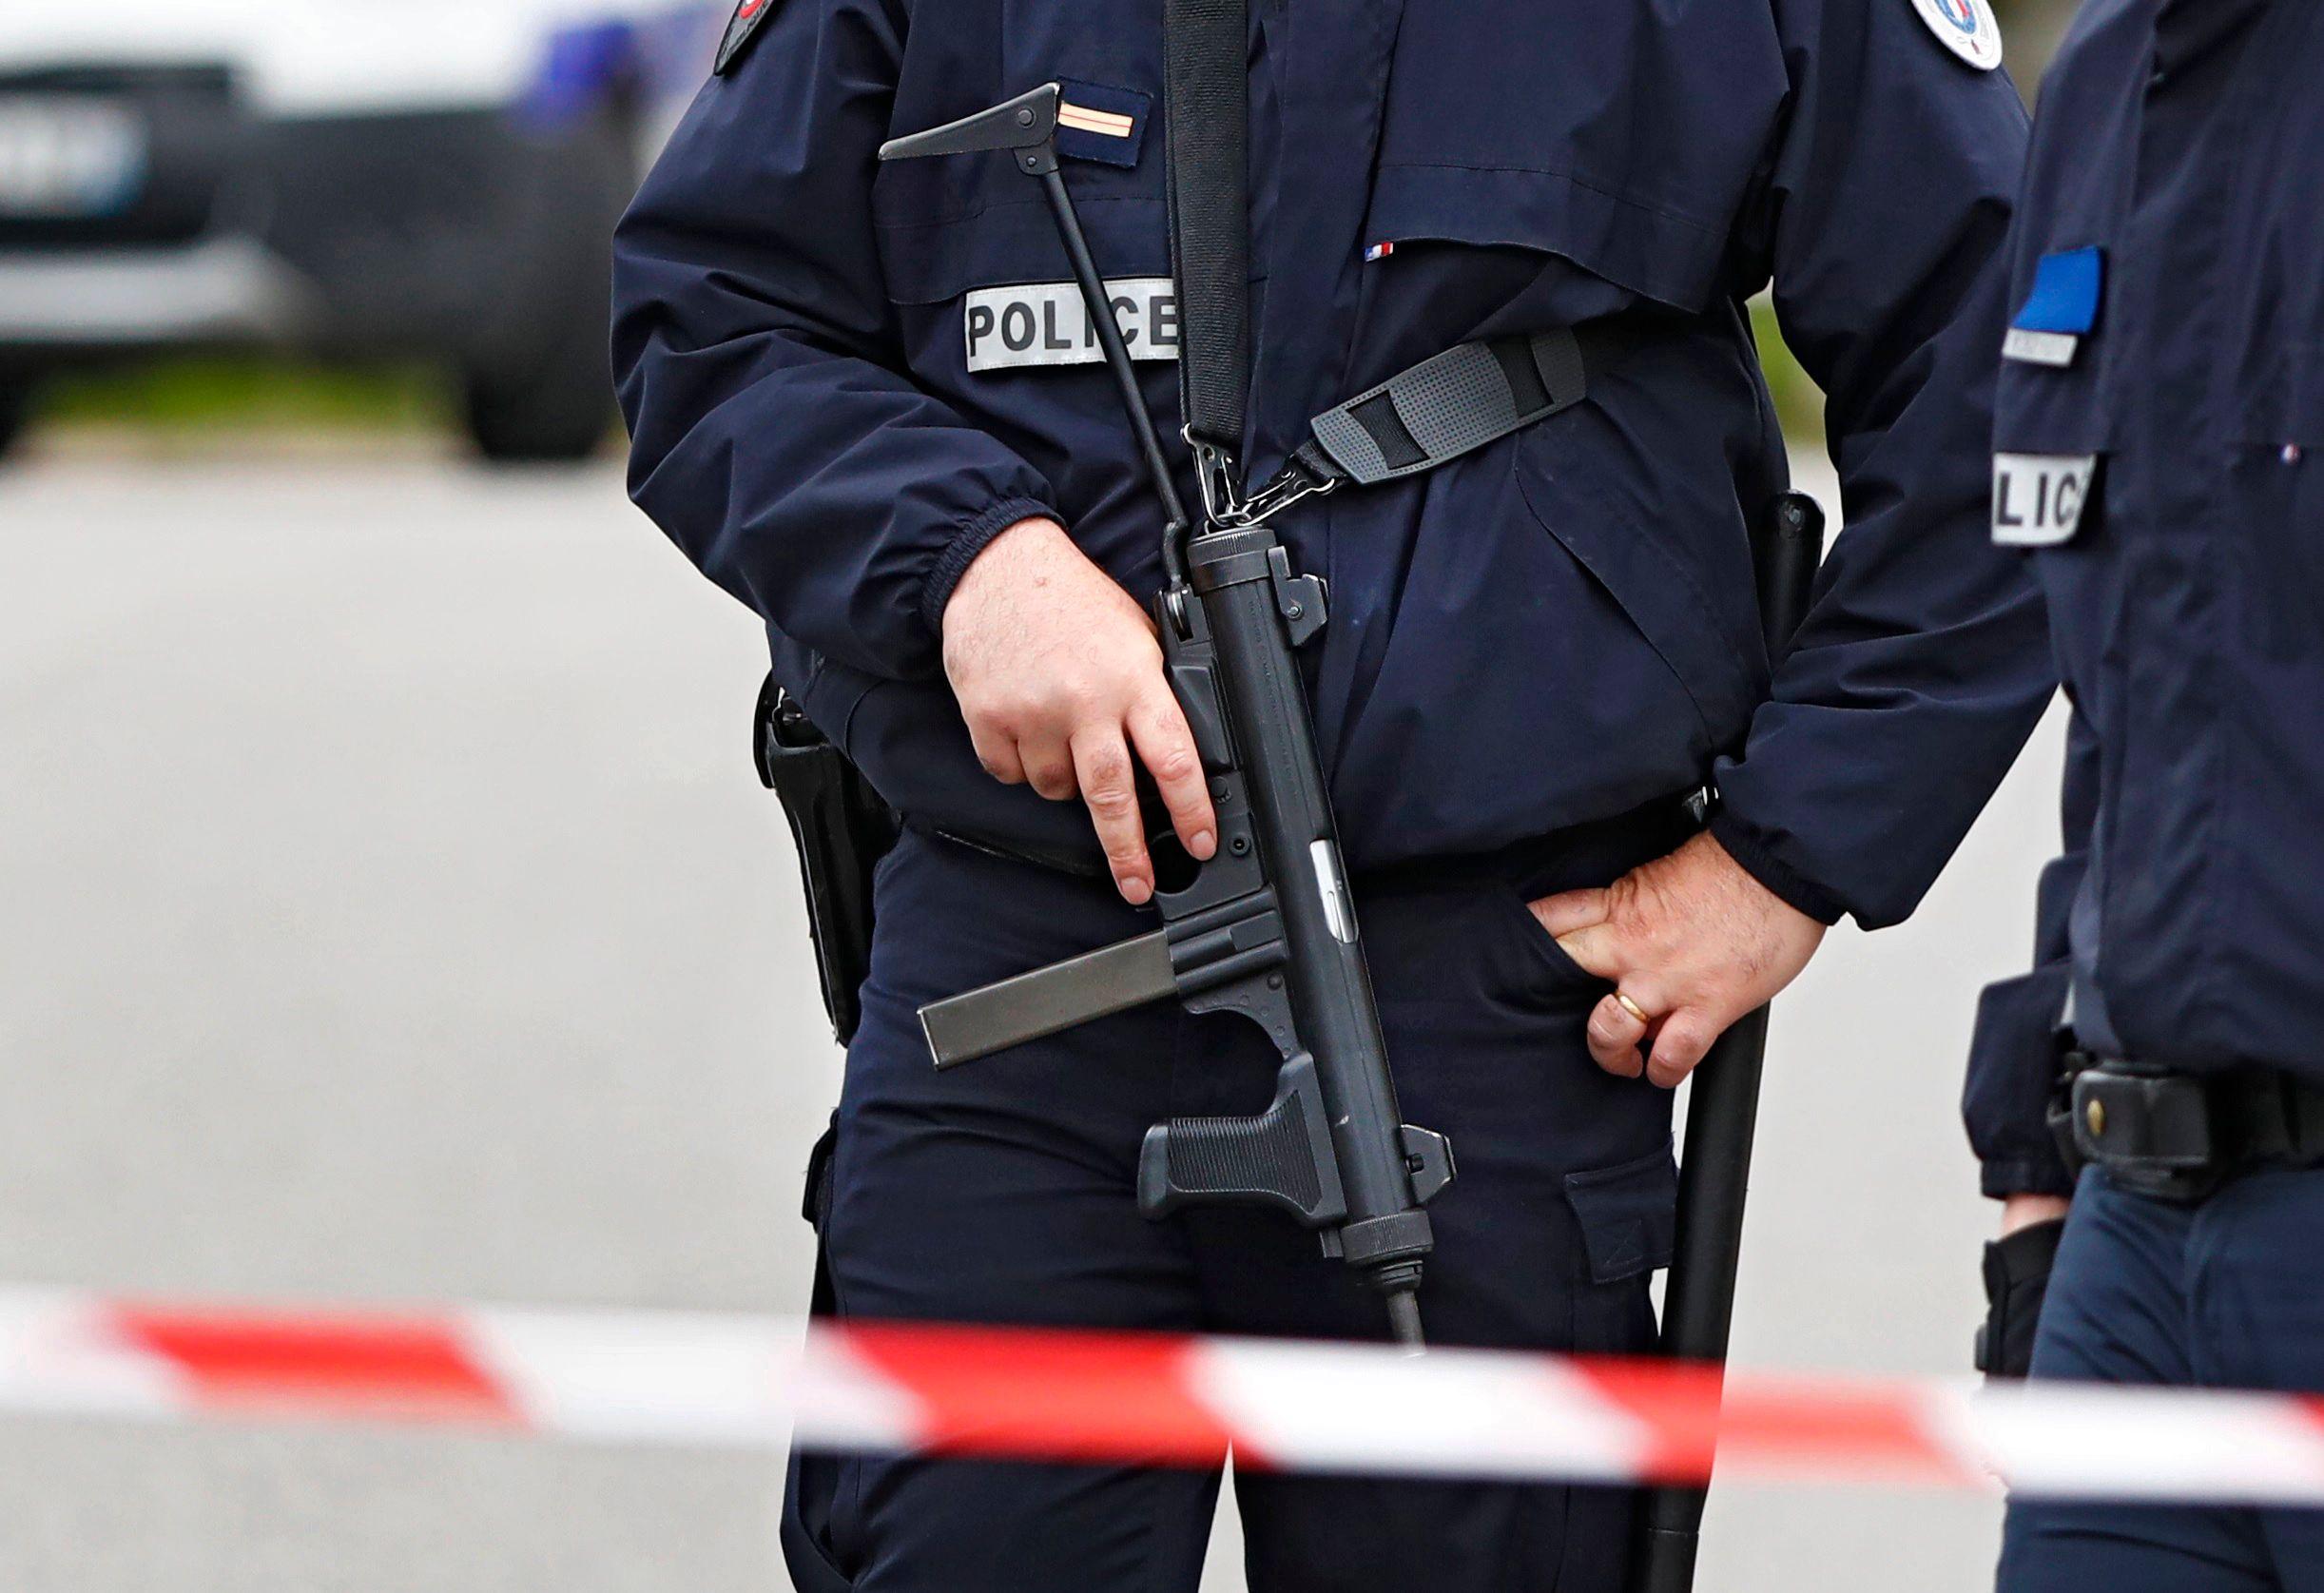 Terrorisme : un homme de 18 ans mis en examen et écroué